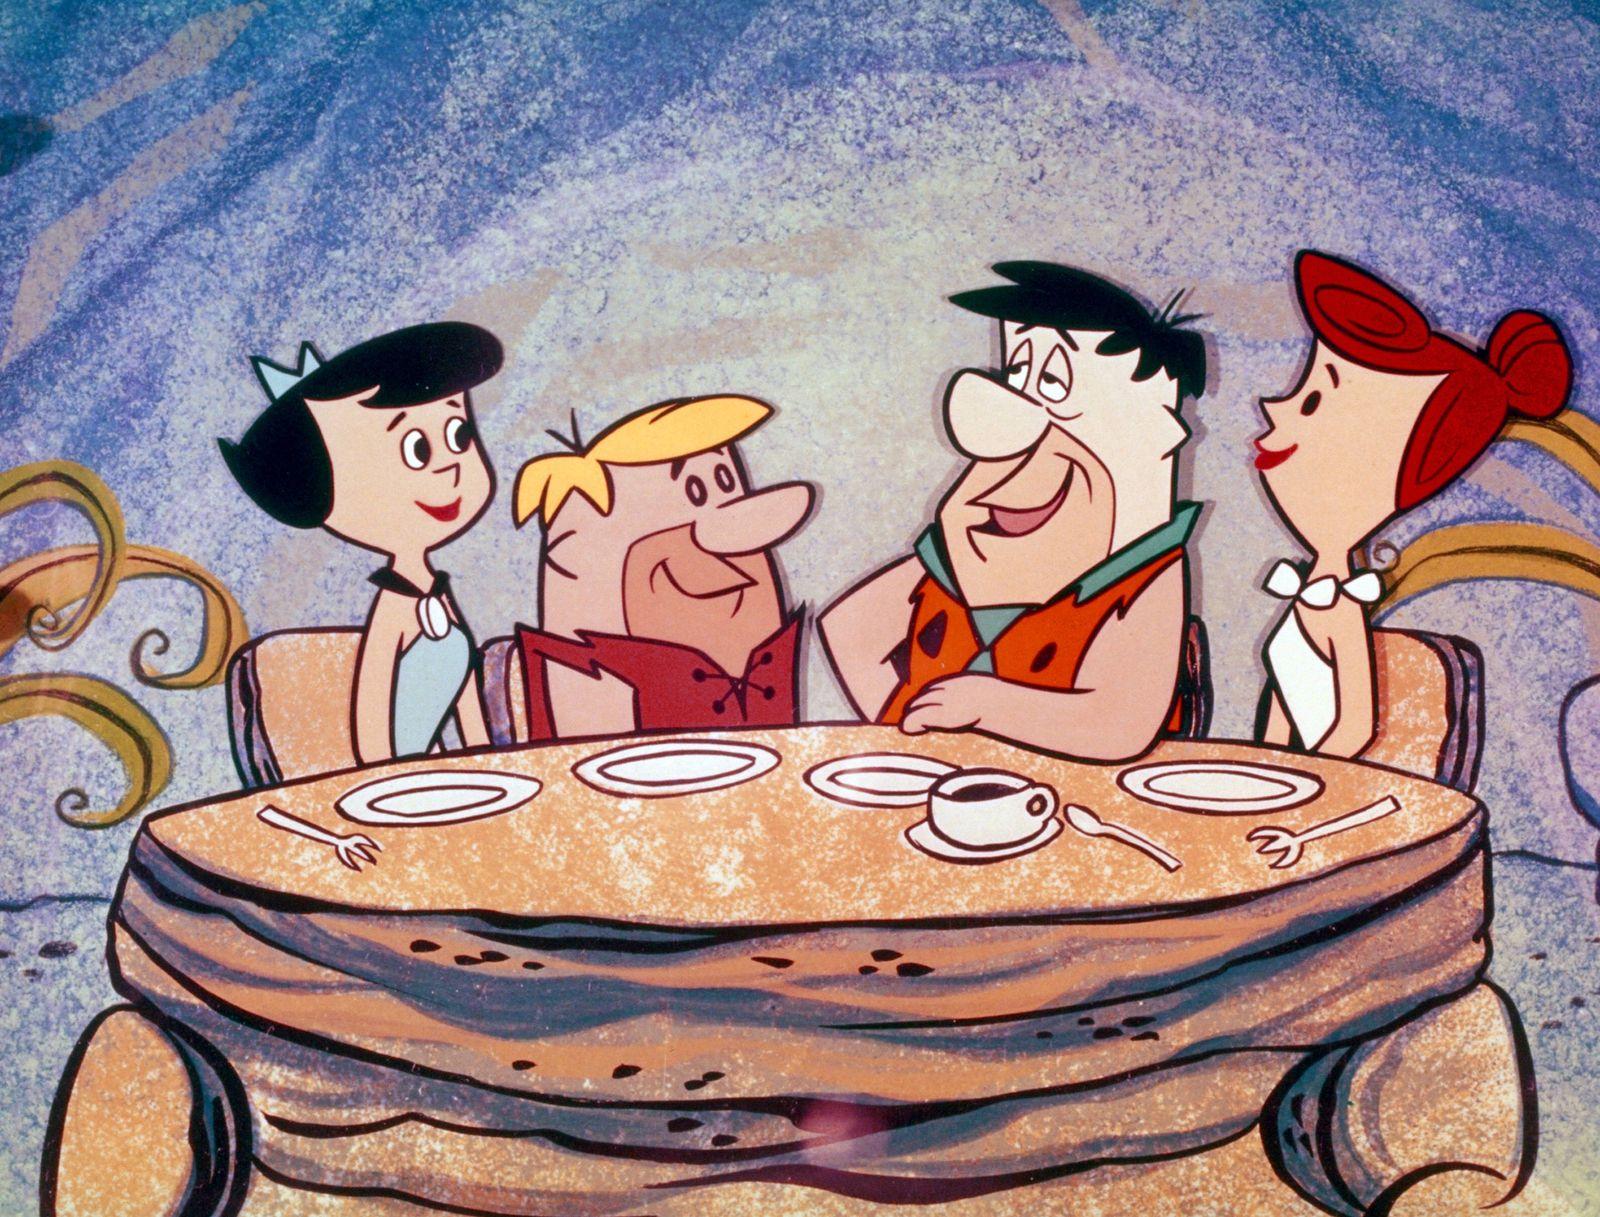 Betty Rubble Barney Rubble Fred Flintstone Wilma Flintstone The Flintstones circa 1960 Hanna